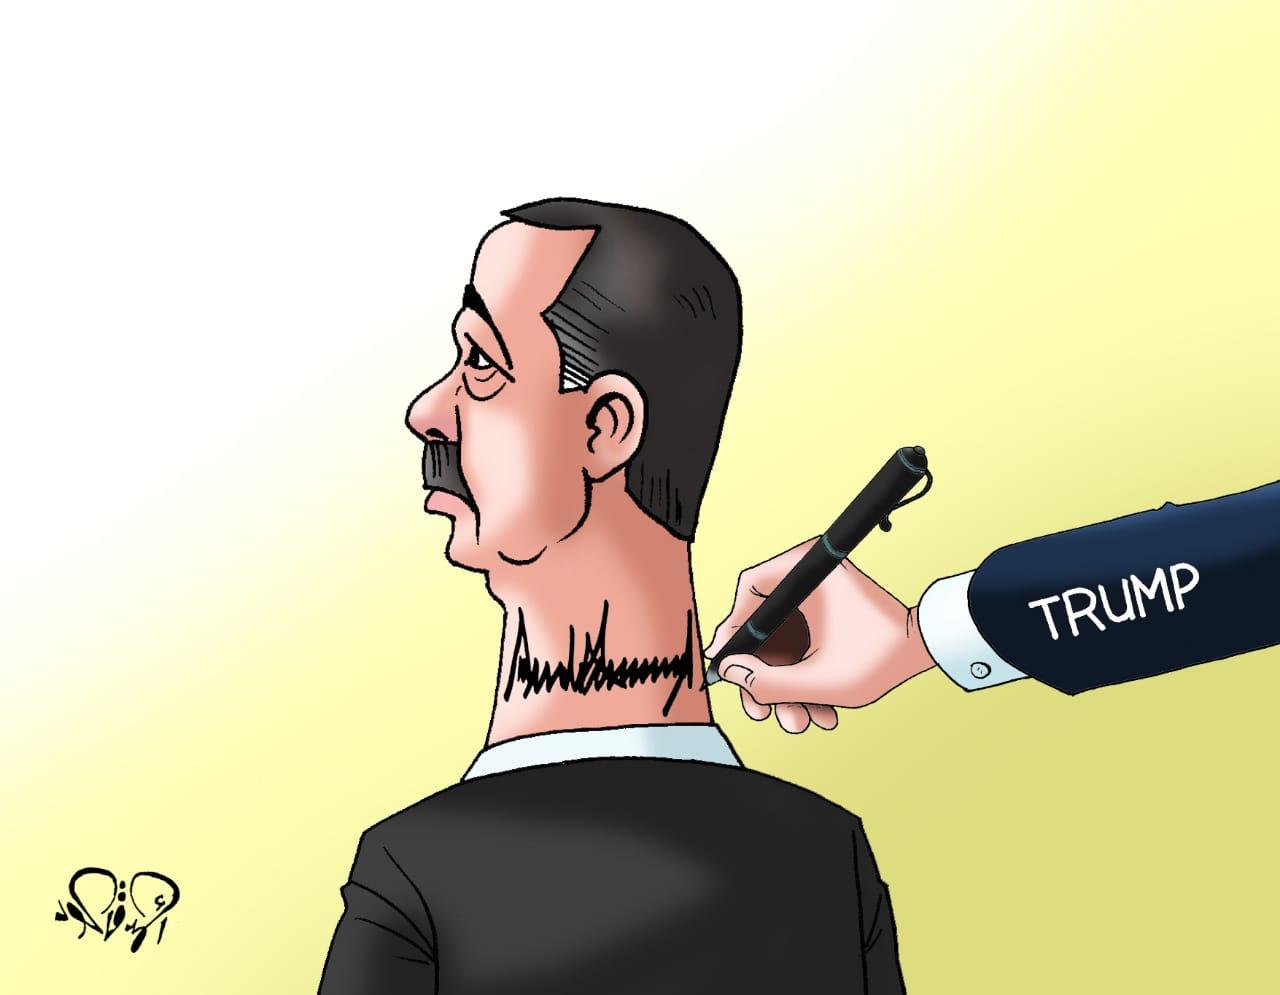 ترامب علم على قفا أردوغان